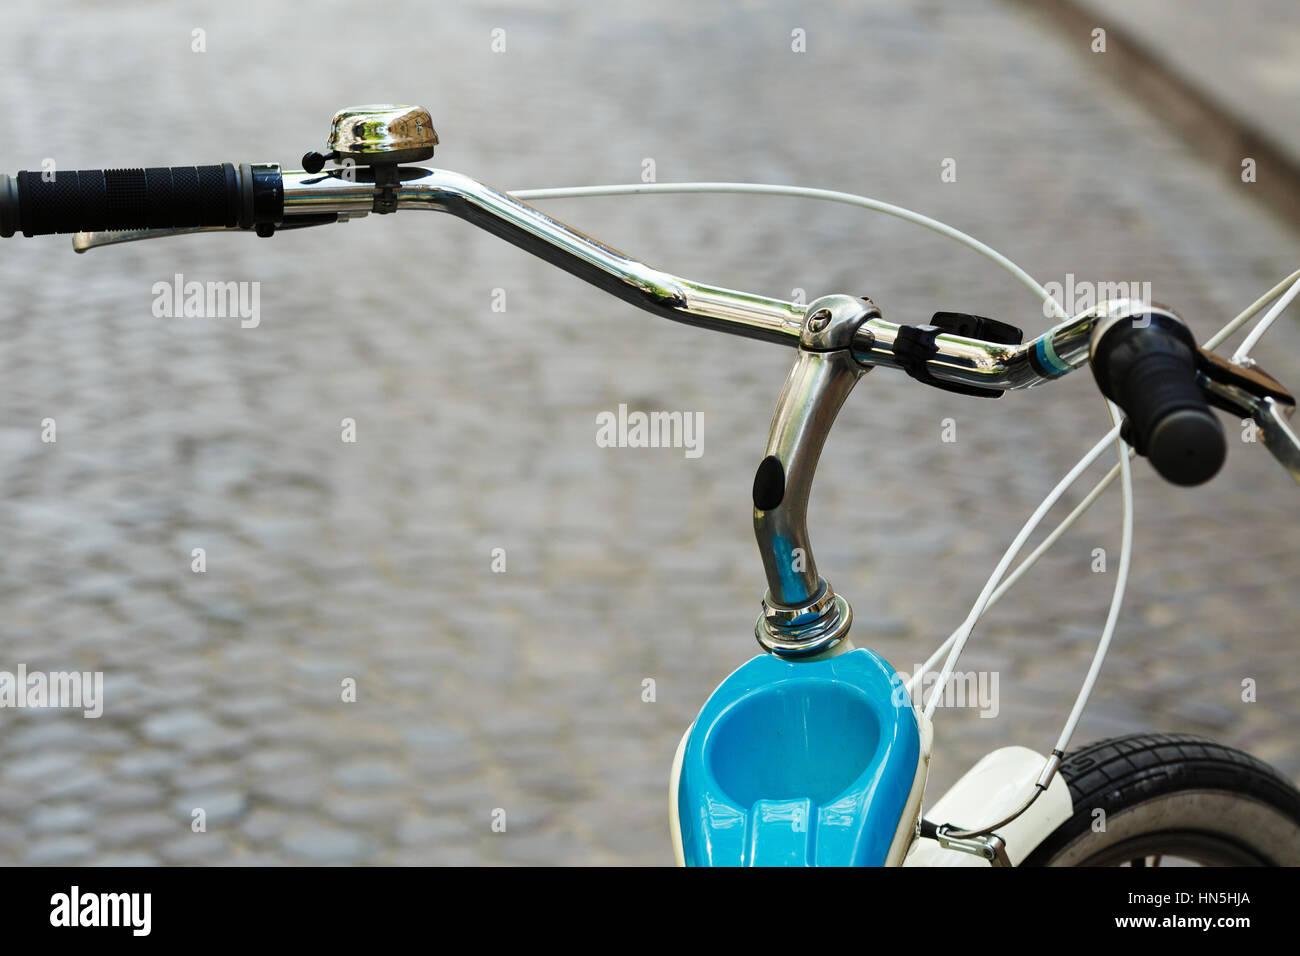 Spitze der Fahrrad auf der Straße der Altstadt steht Stockbild